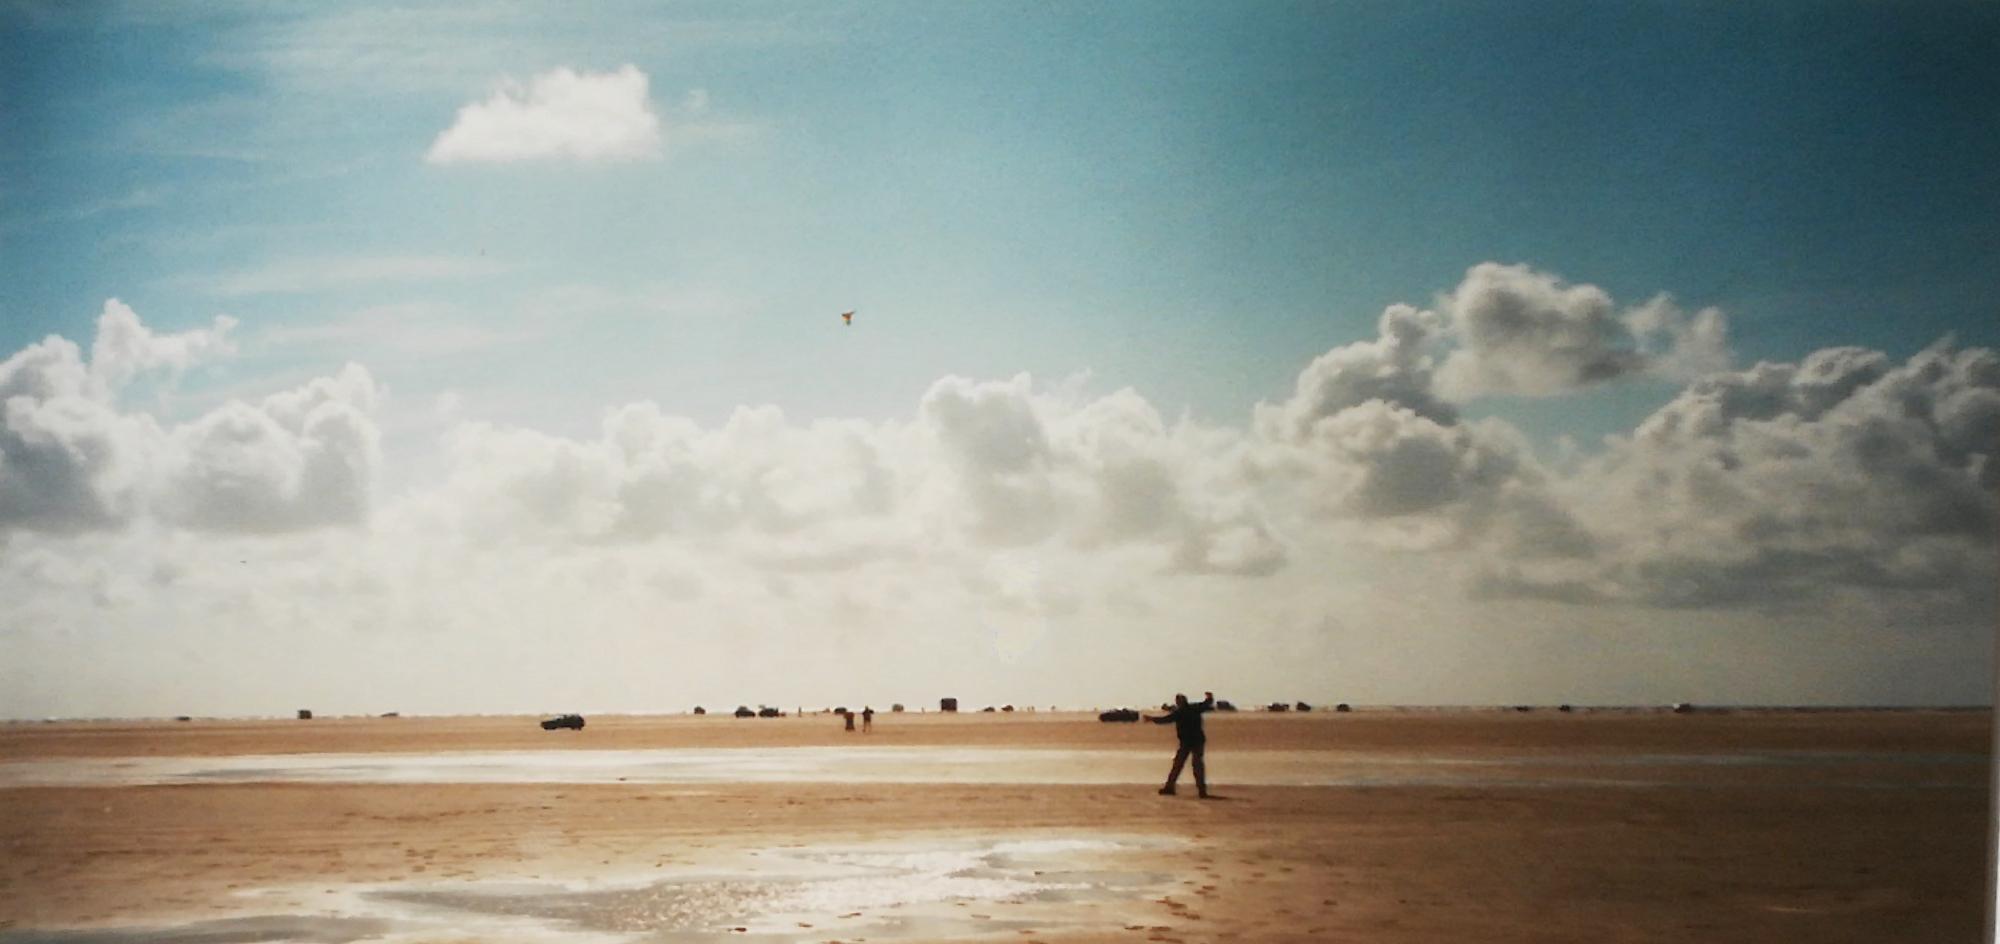 Rømø Dänemark Strand Momente für die ewigkeit